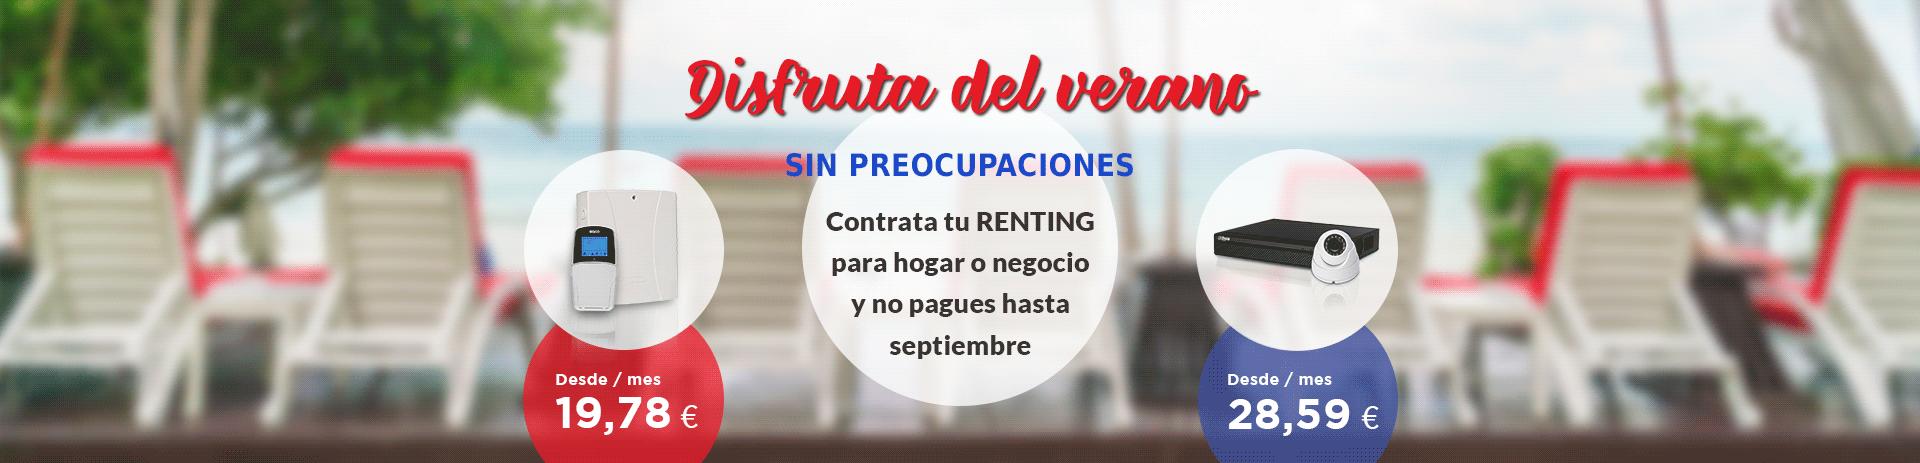 renting seguridad hogar, cctv y alarmas